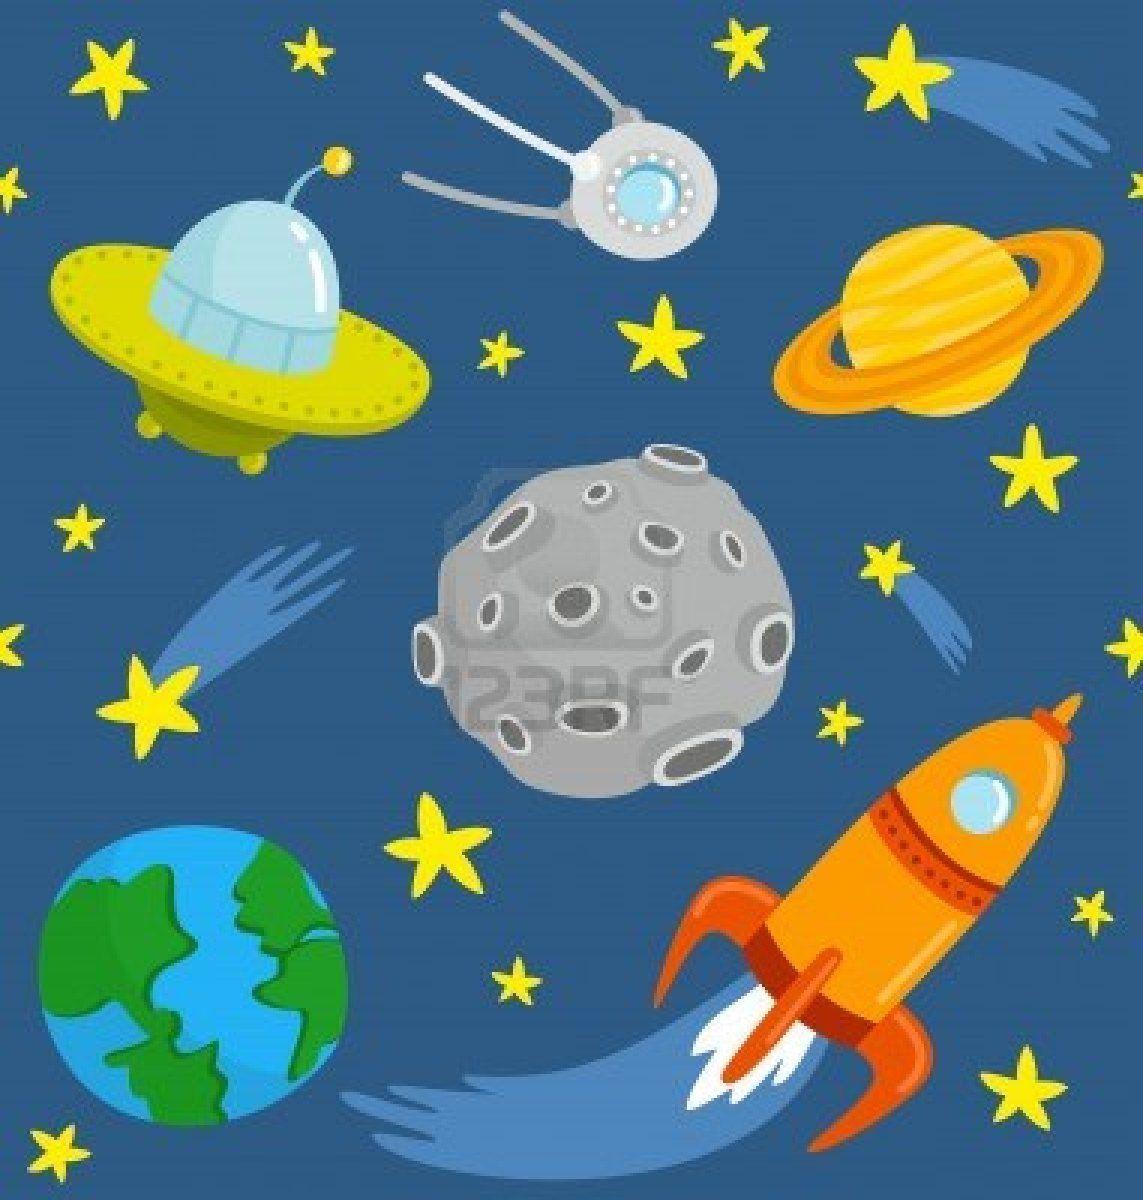 ilustracion extraterrestre Buscar con Google EL